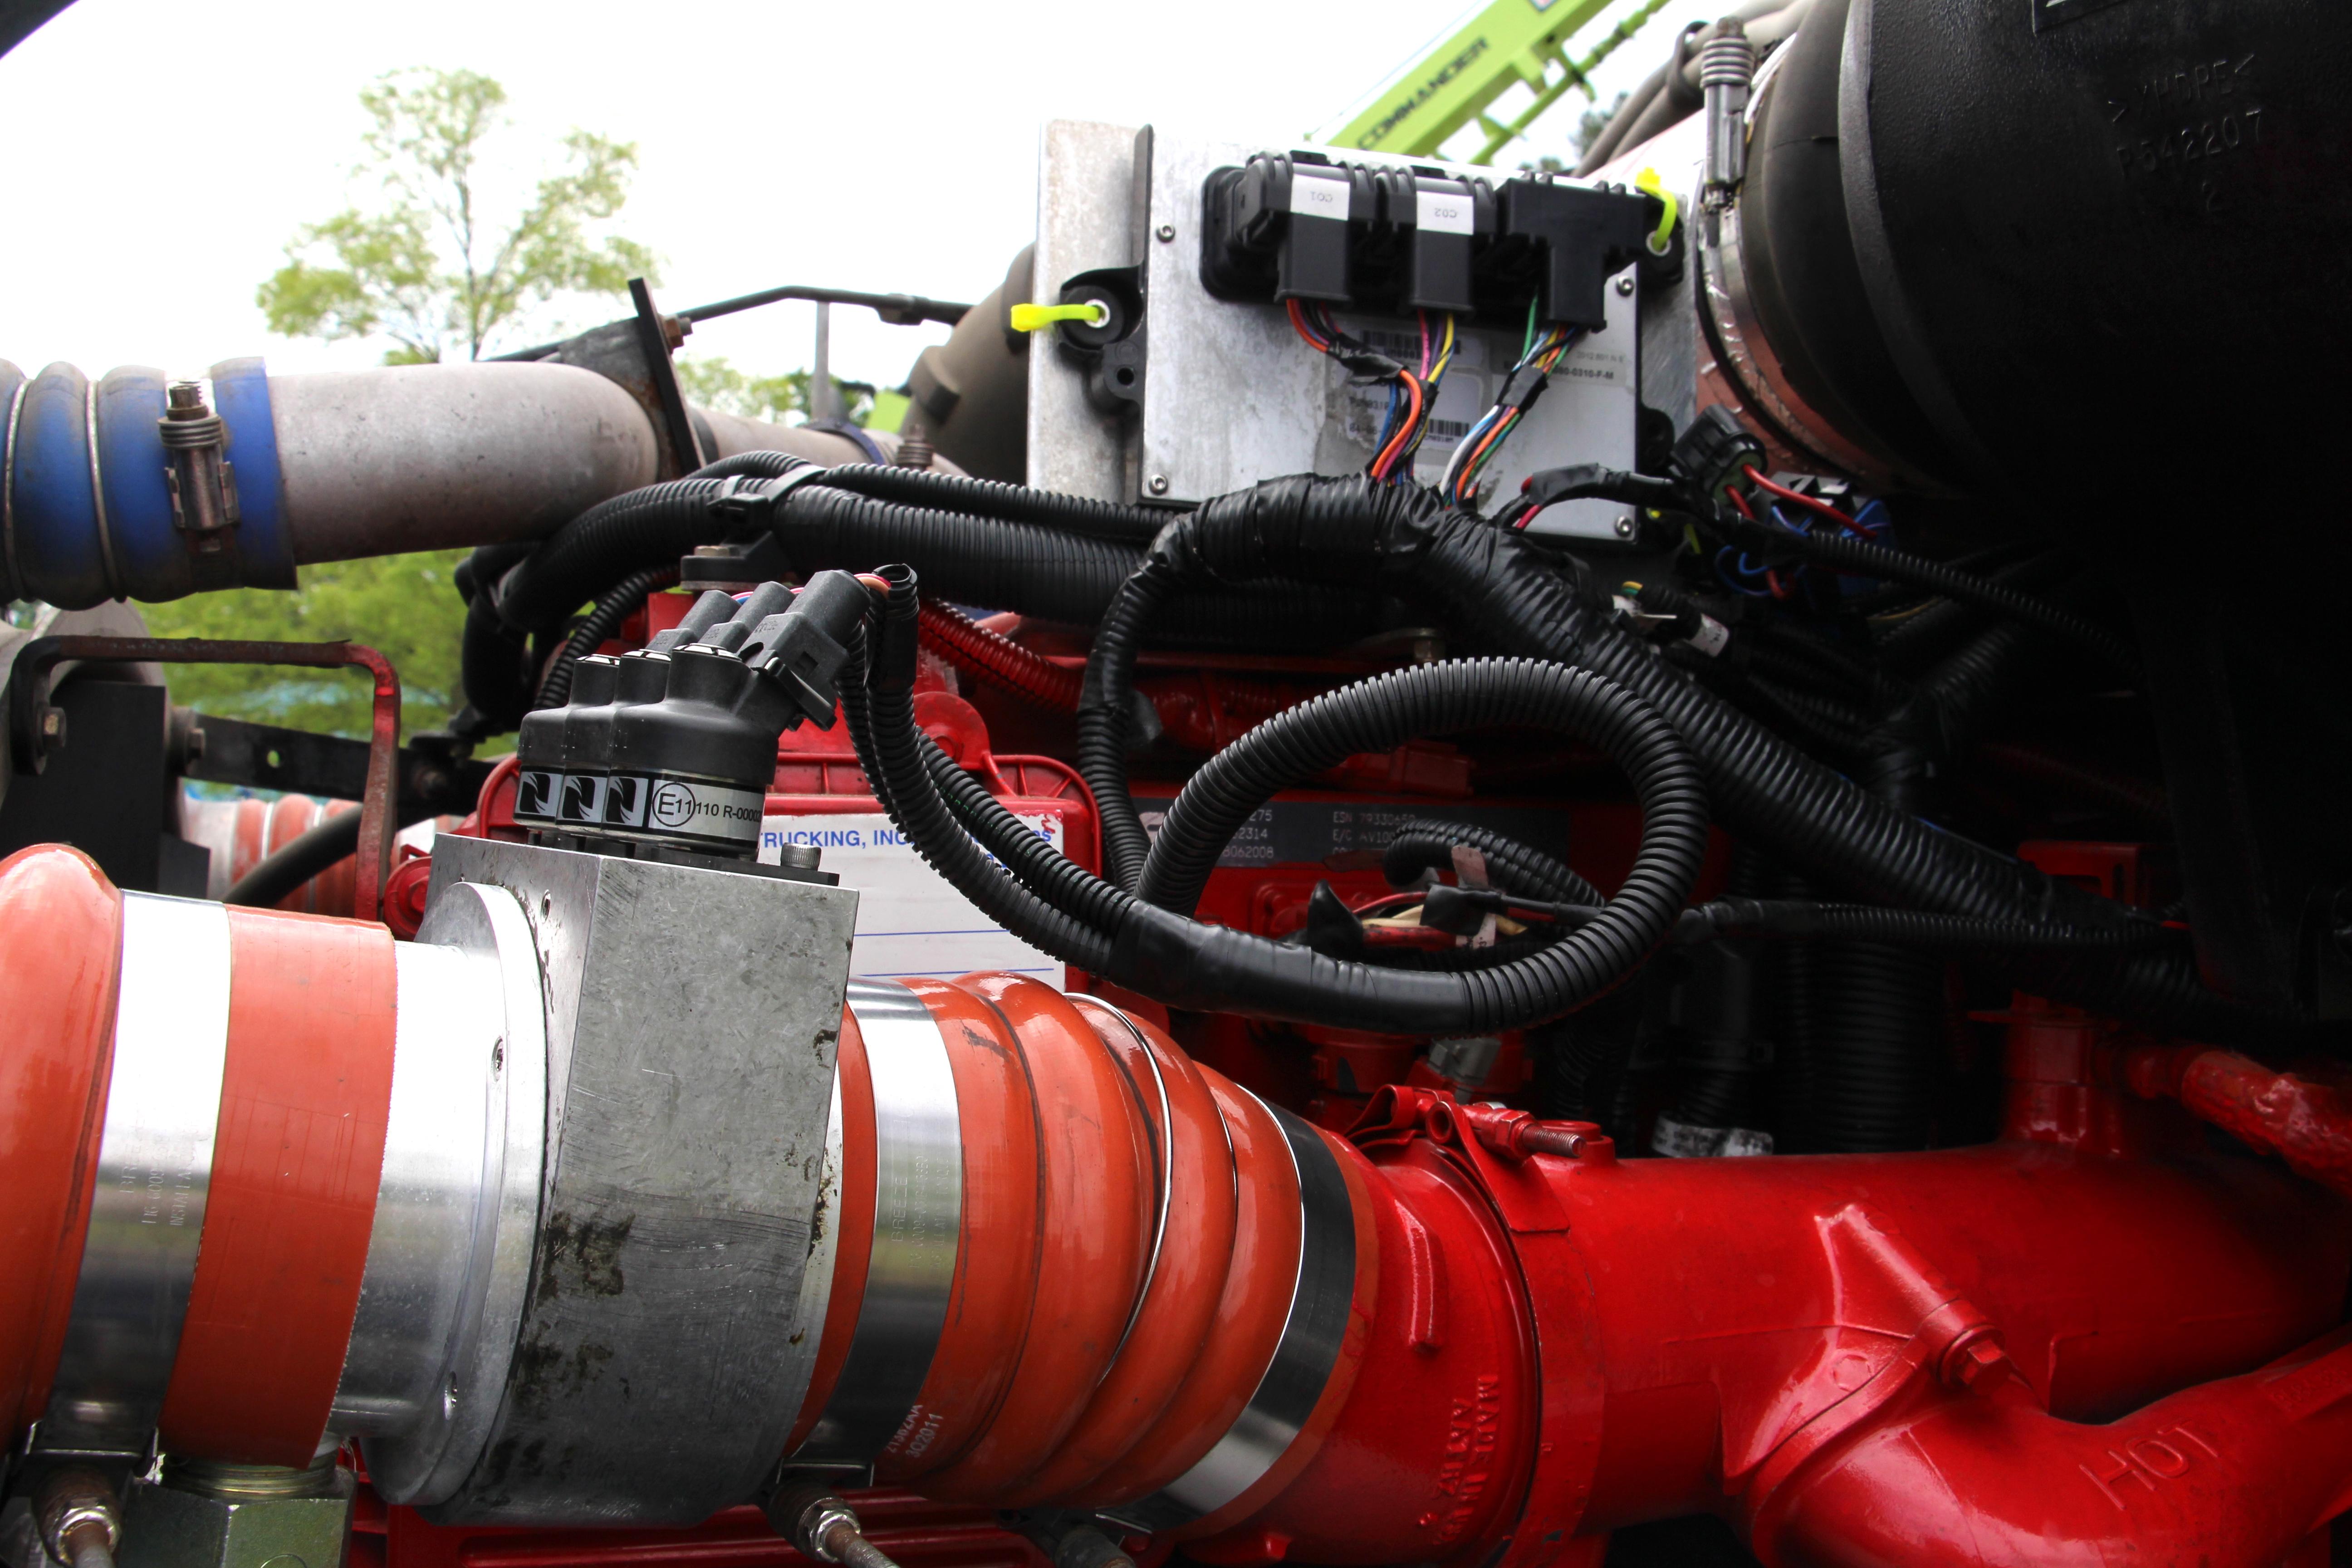 Determining Best Fuel-Saving Technology Focus of Southeast HTUF Event